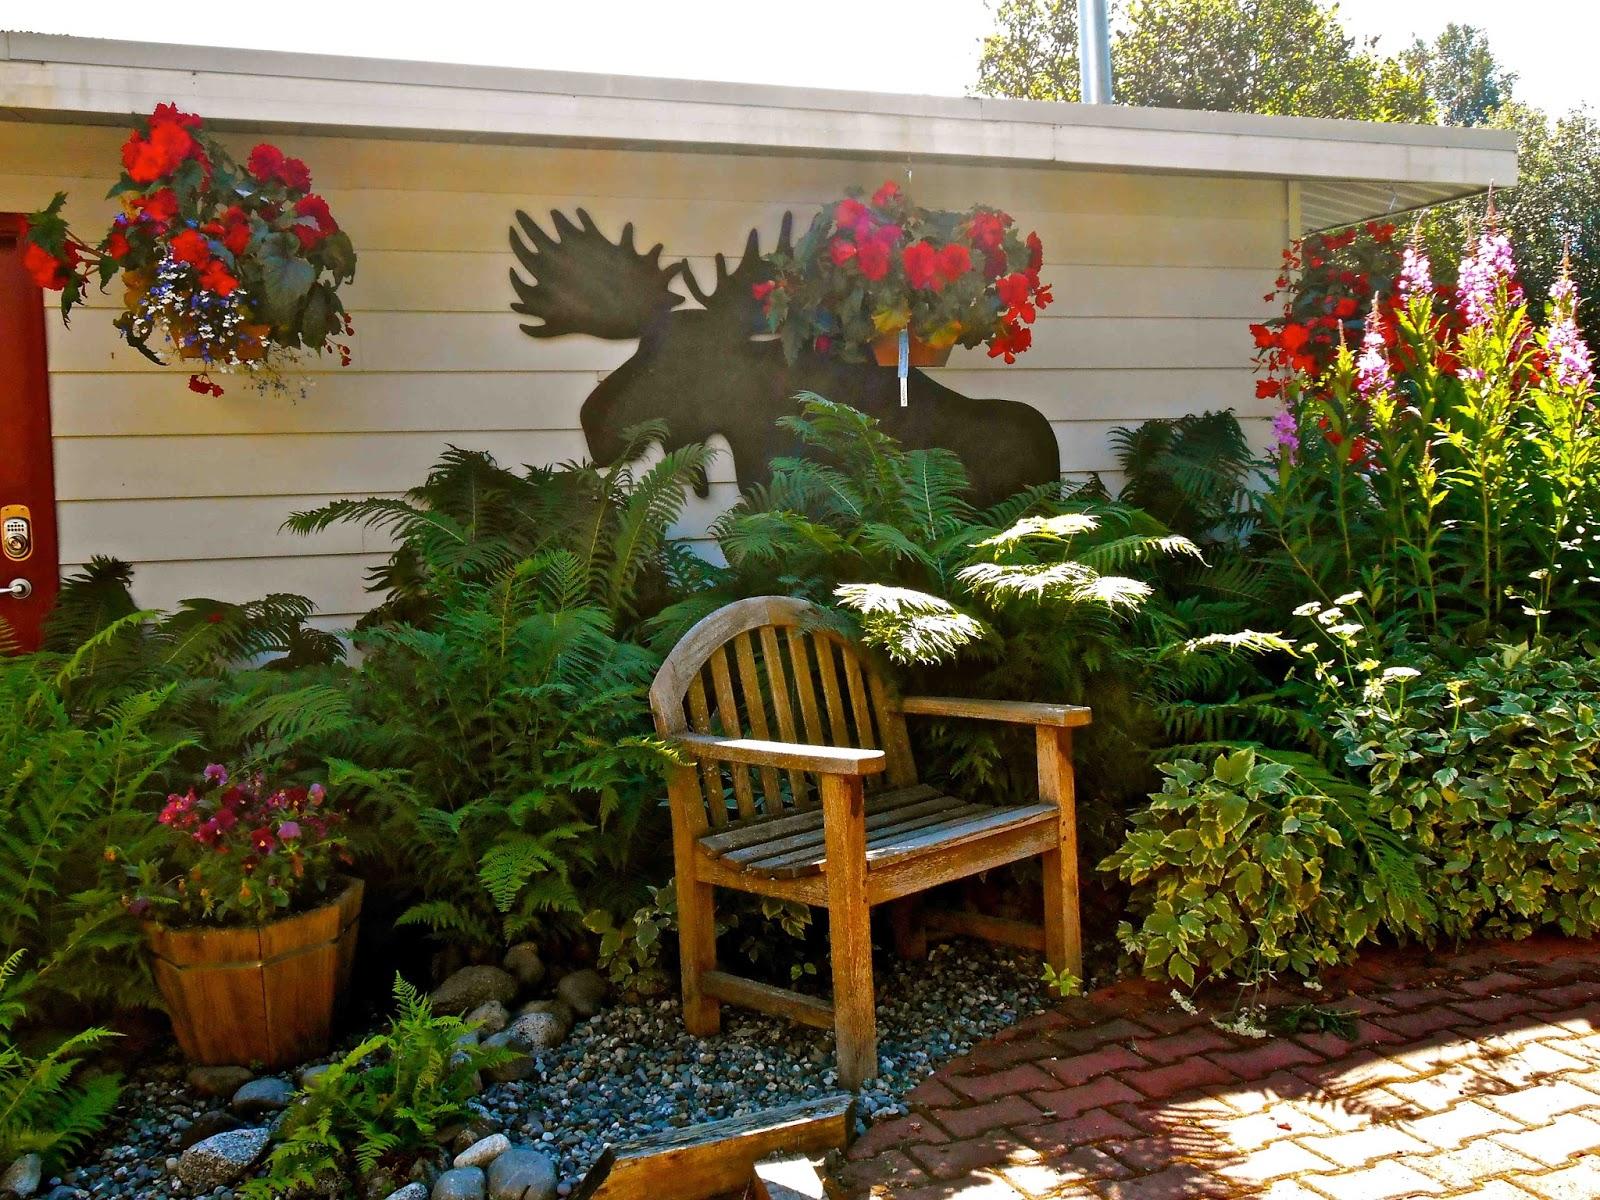 Enjoy Alaskan Sun in Camai Bed and Breakfast Garden!